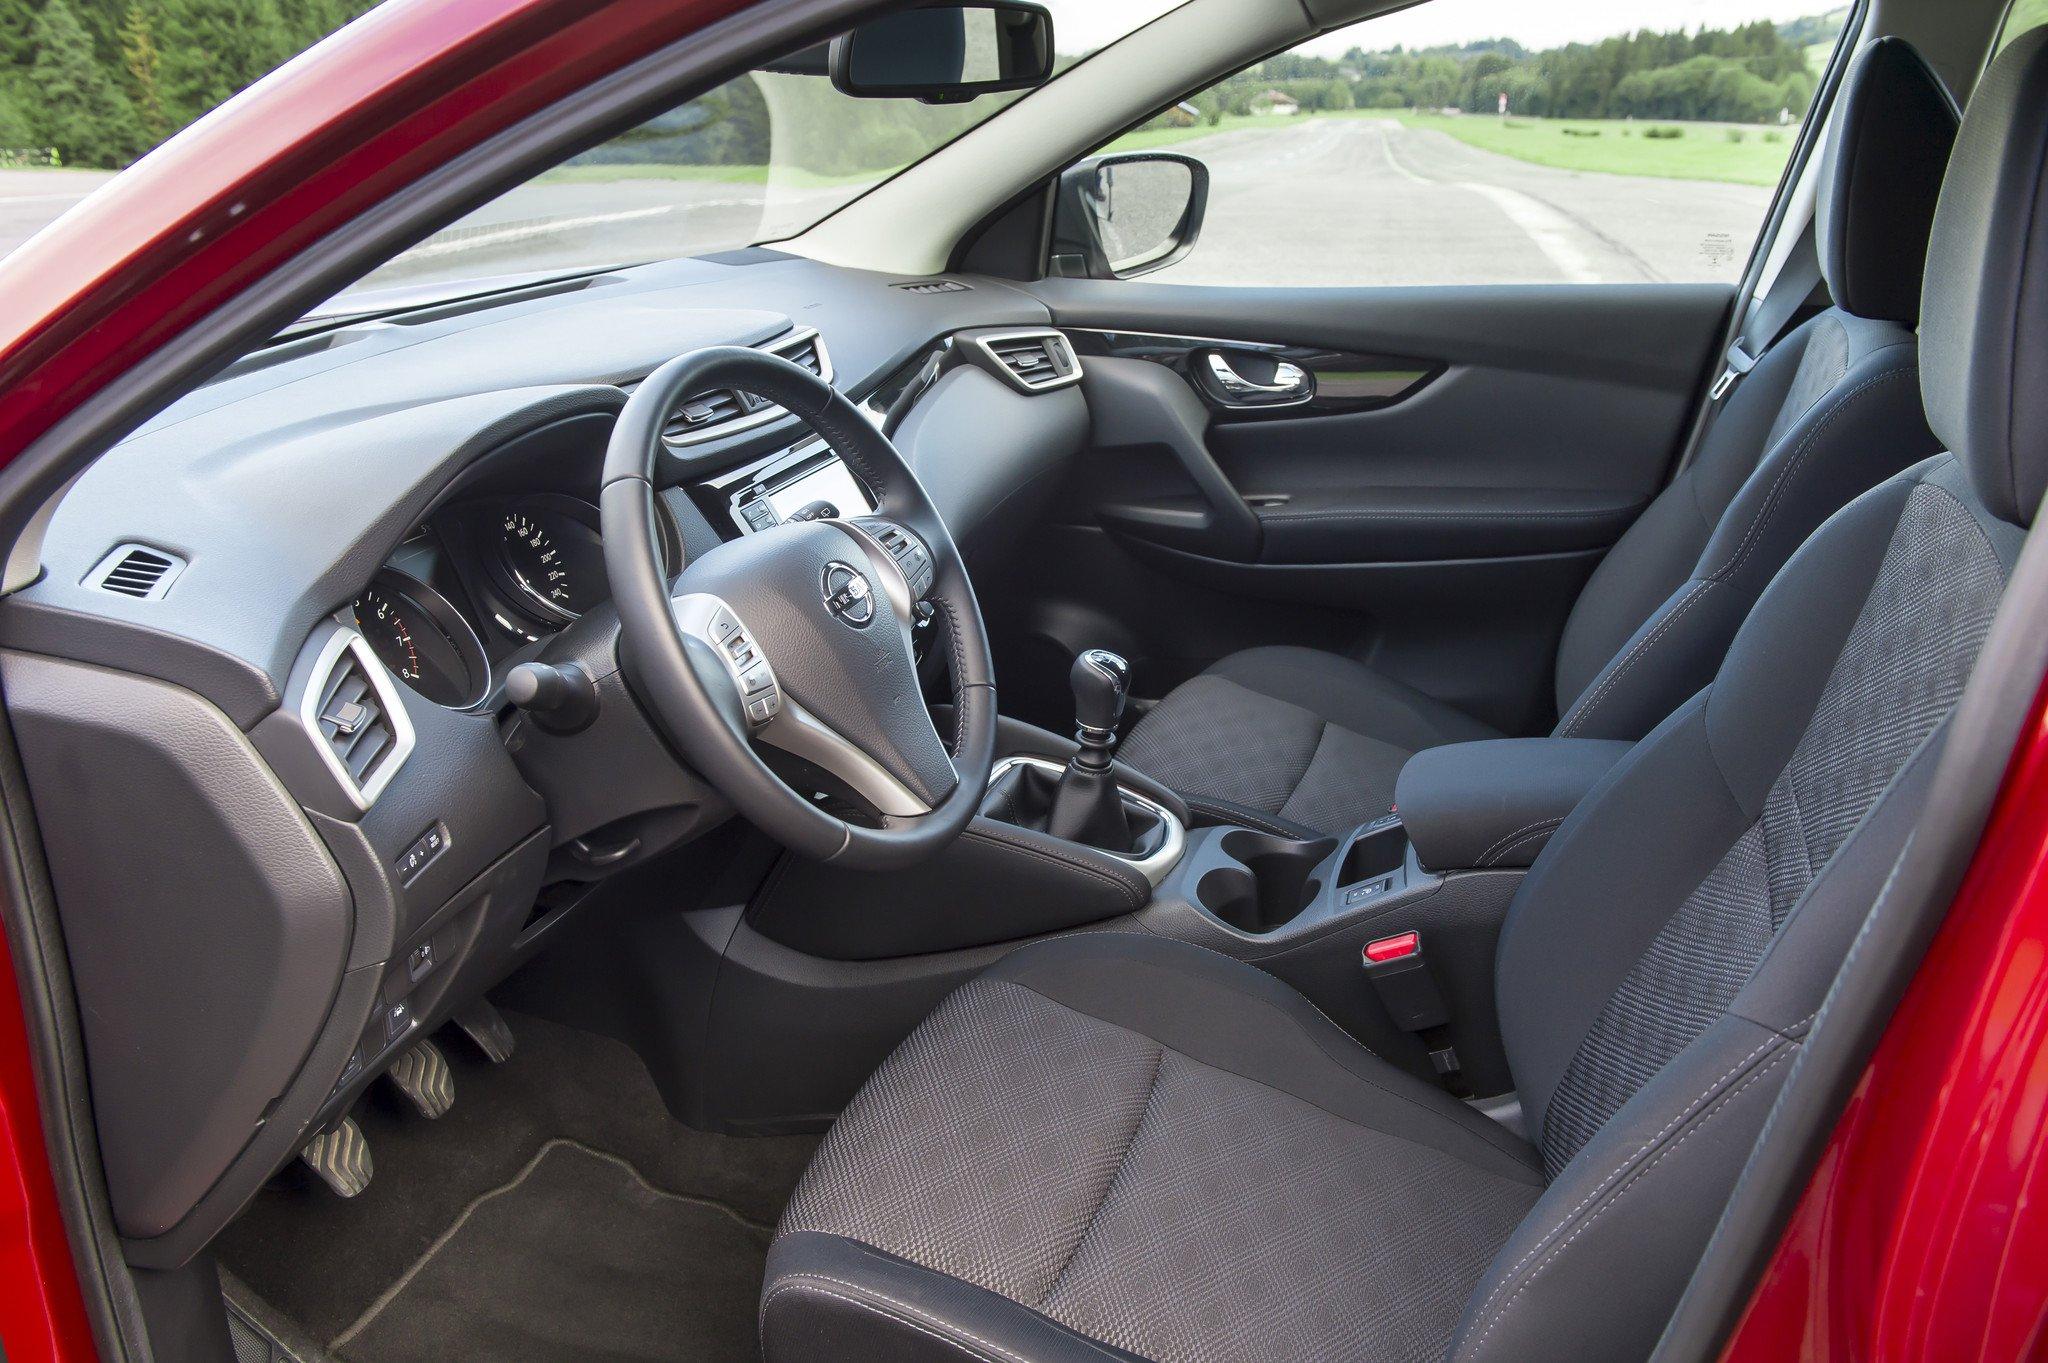 Nissan Qashqai 2016 1.6 DIG-T 163 CV